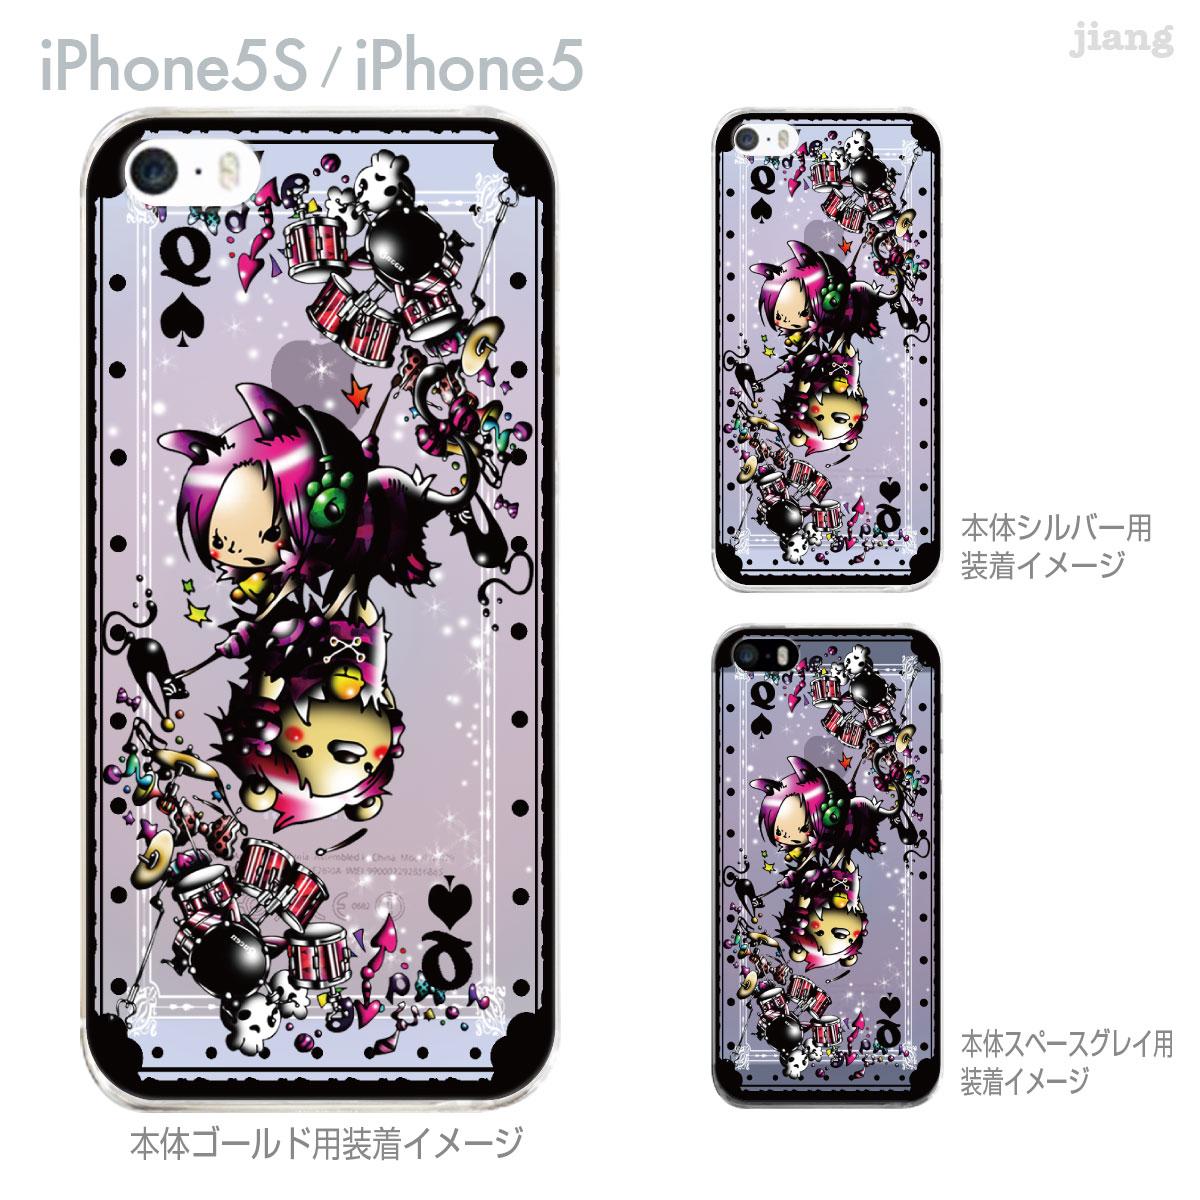 【iPhone5S】【iPhone5】【Little World】【iPhone5ケース】【カバー】【スマホケース】【クリアケース】【イラスト】【トランプQ】 25-ip5s-am0068